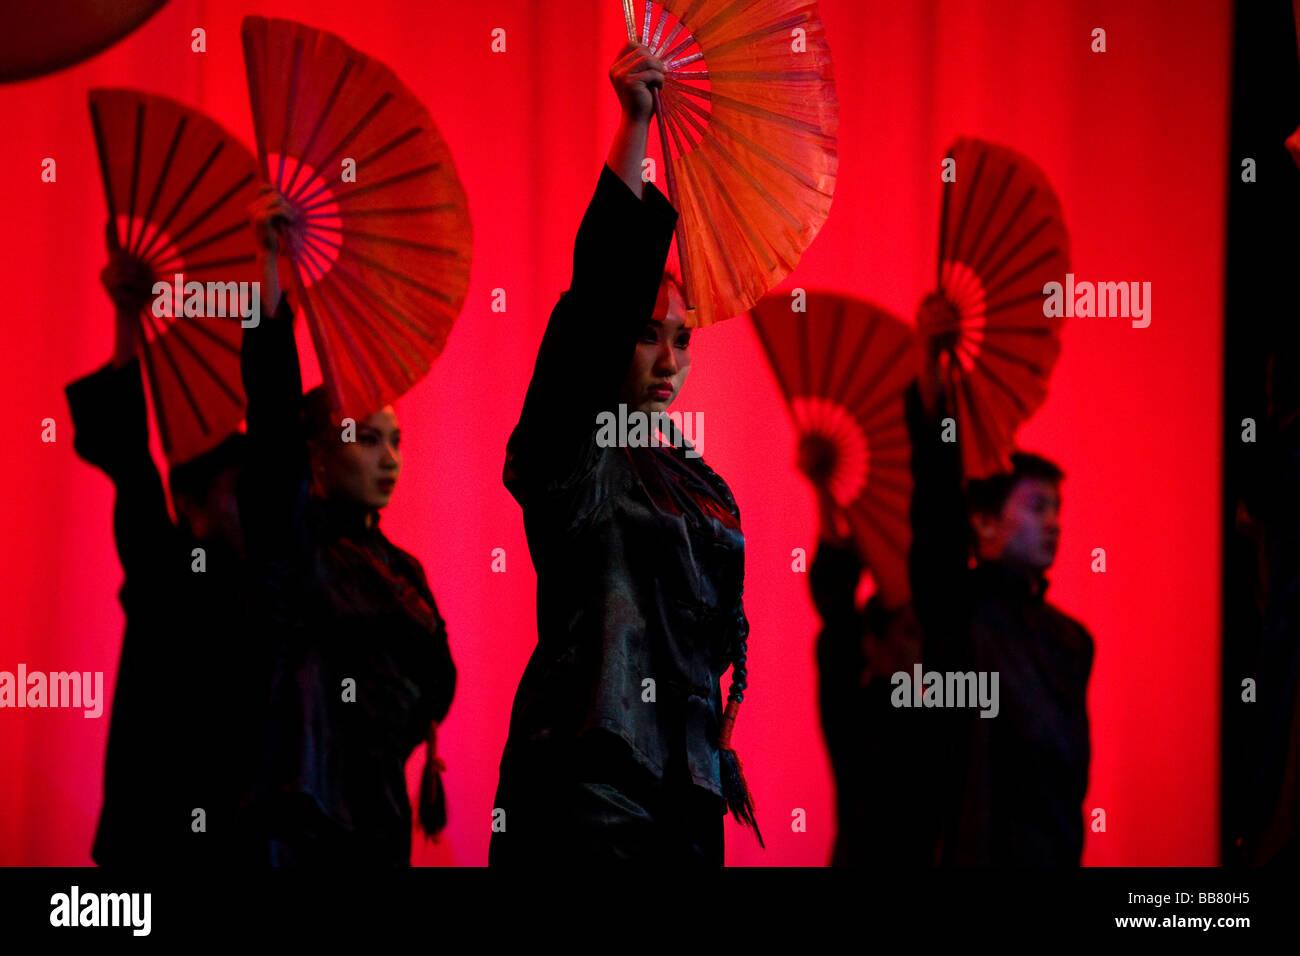 Le Cirque National chinois de Shenyang effectuant l'exposition Confucius, un voyage dans le temps montrant 2500 ans de Chinois p Banque D'Images